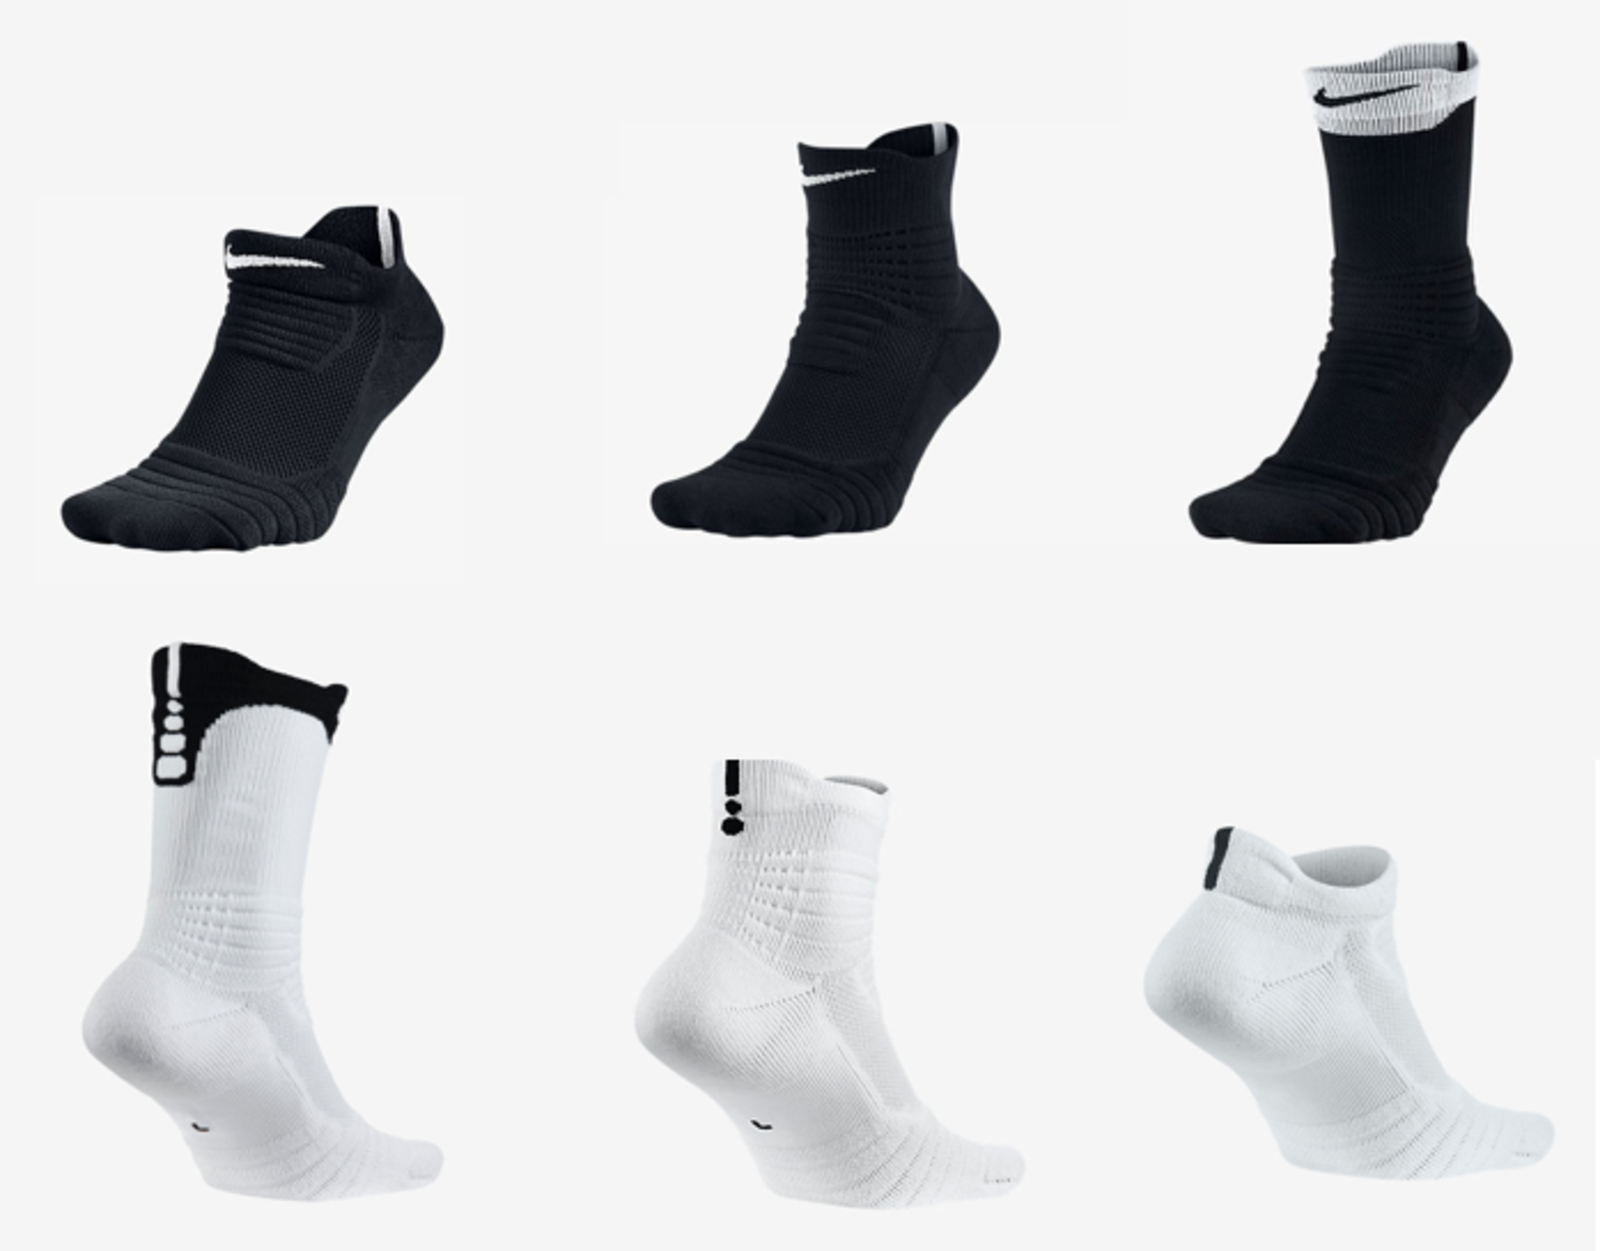 2016 Nike Elite Versatility Socks Deliver Exceptional ...